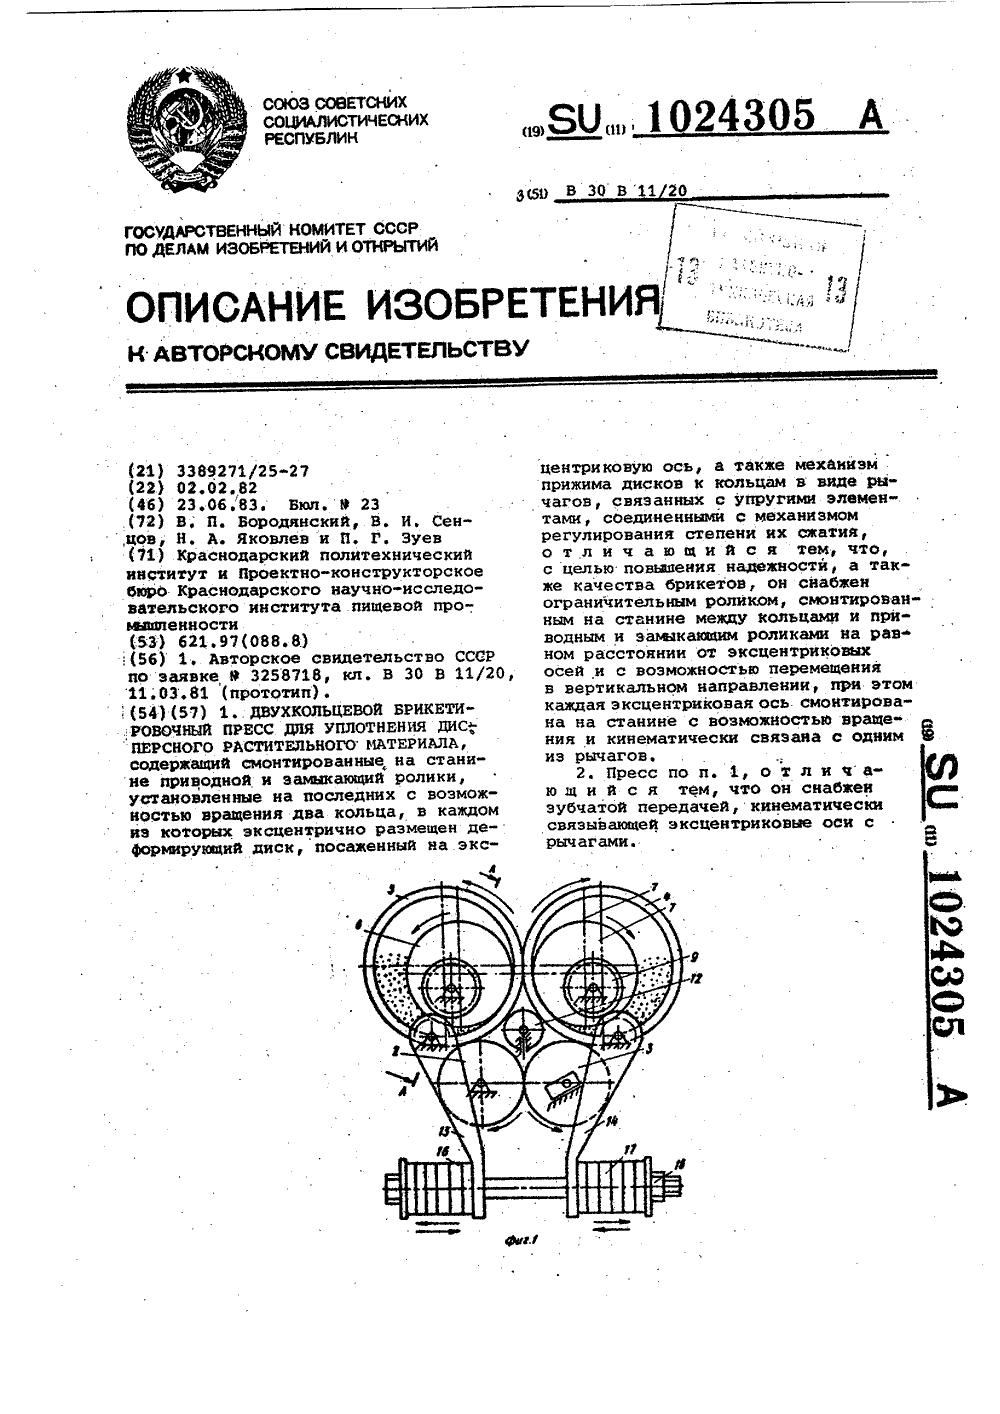 пакетировочный пресс б 132 схема